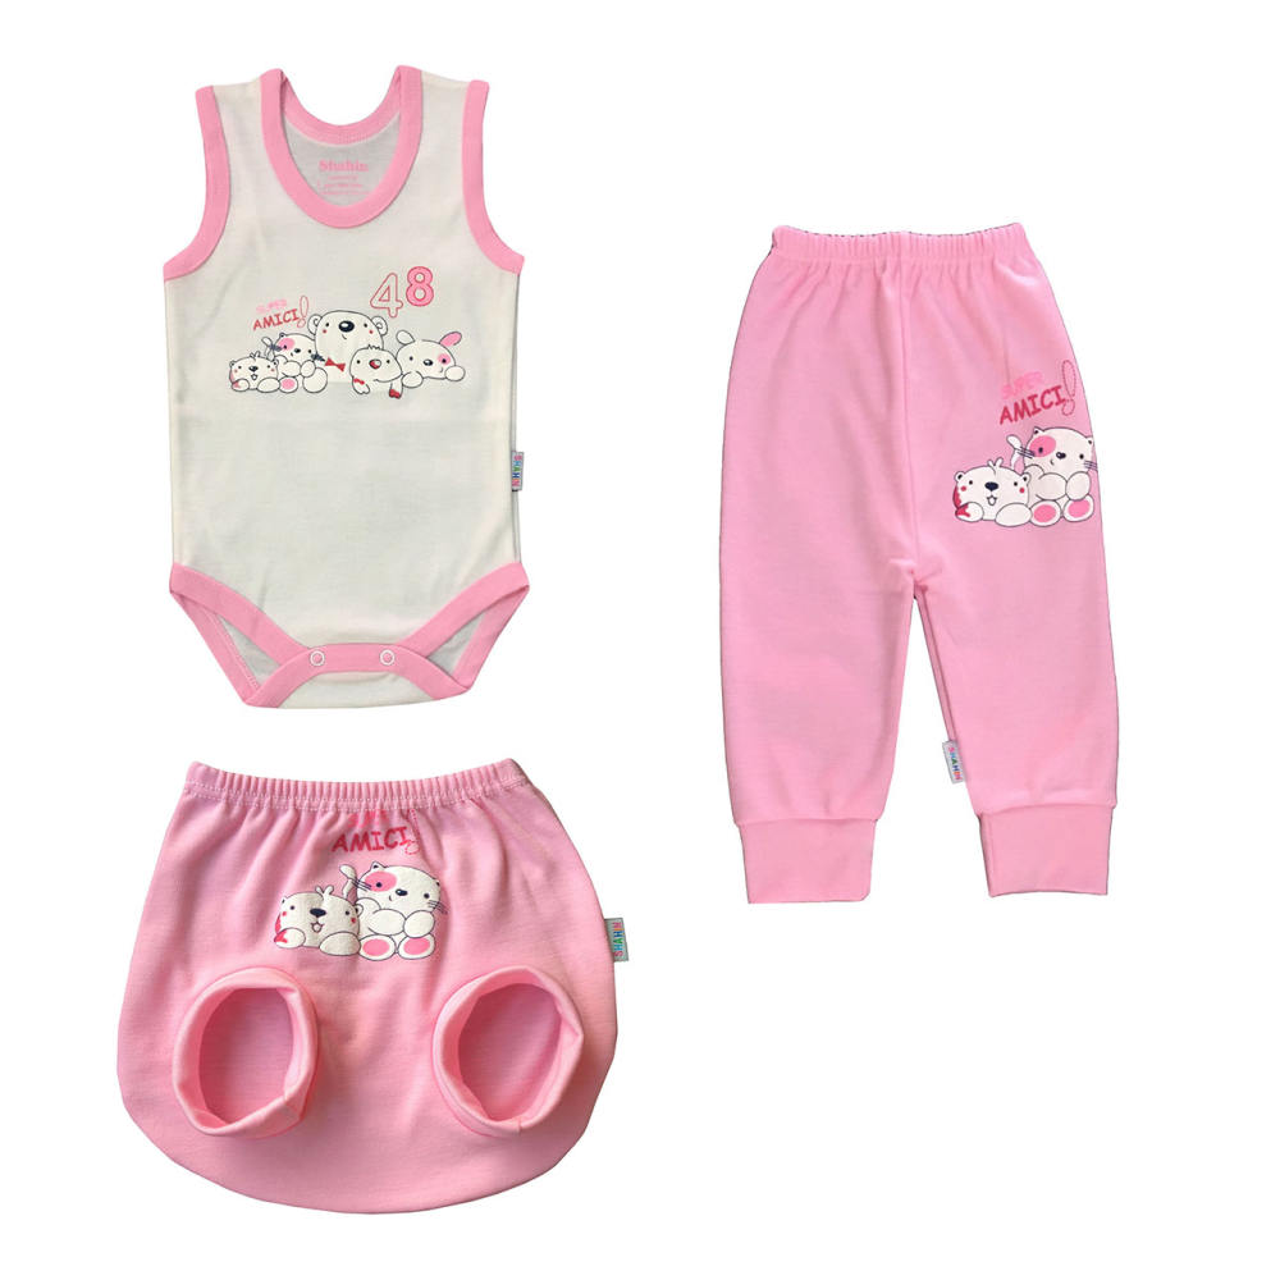 ست 3 تکه لباس نوزادی دخترانه شاهین طرح امیکی کد L